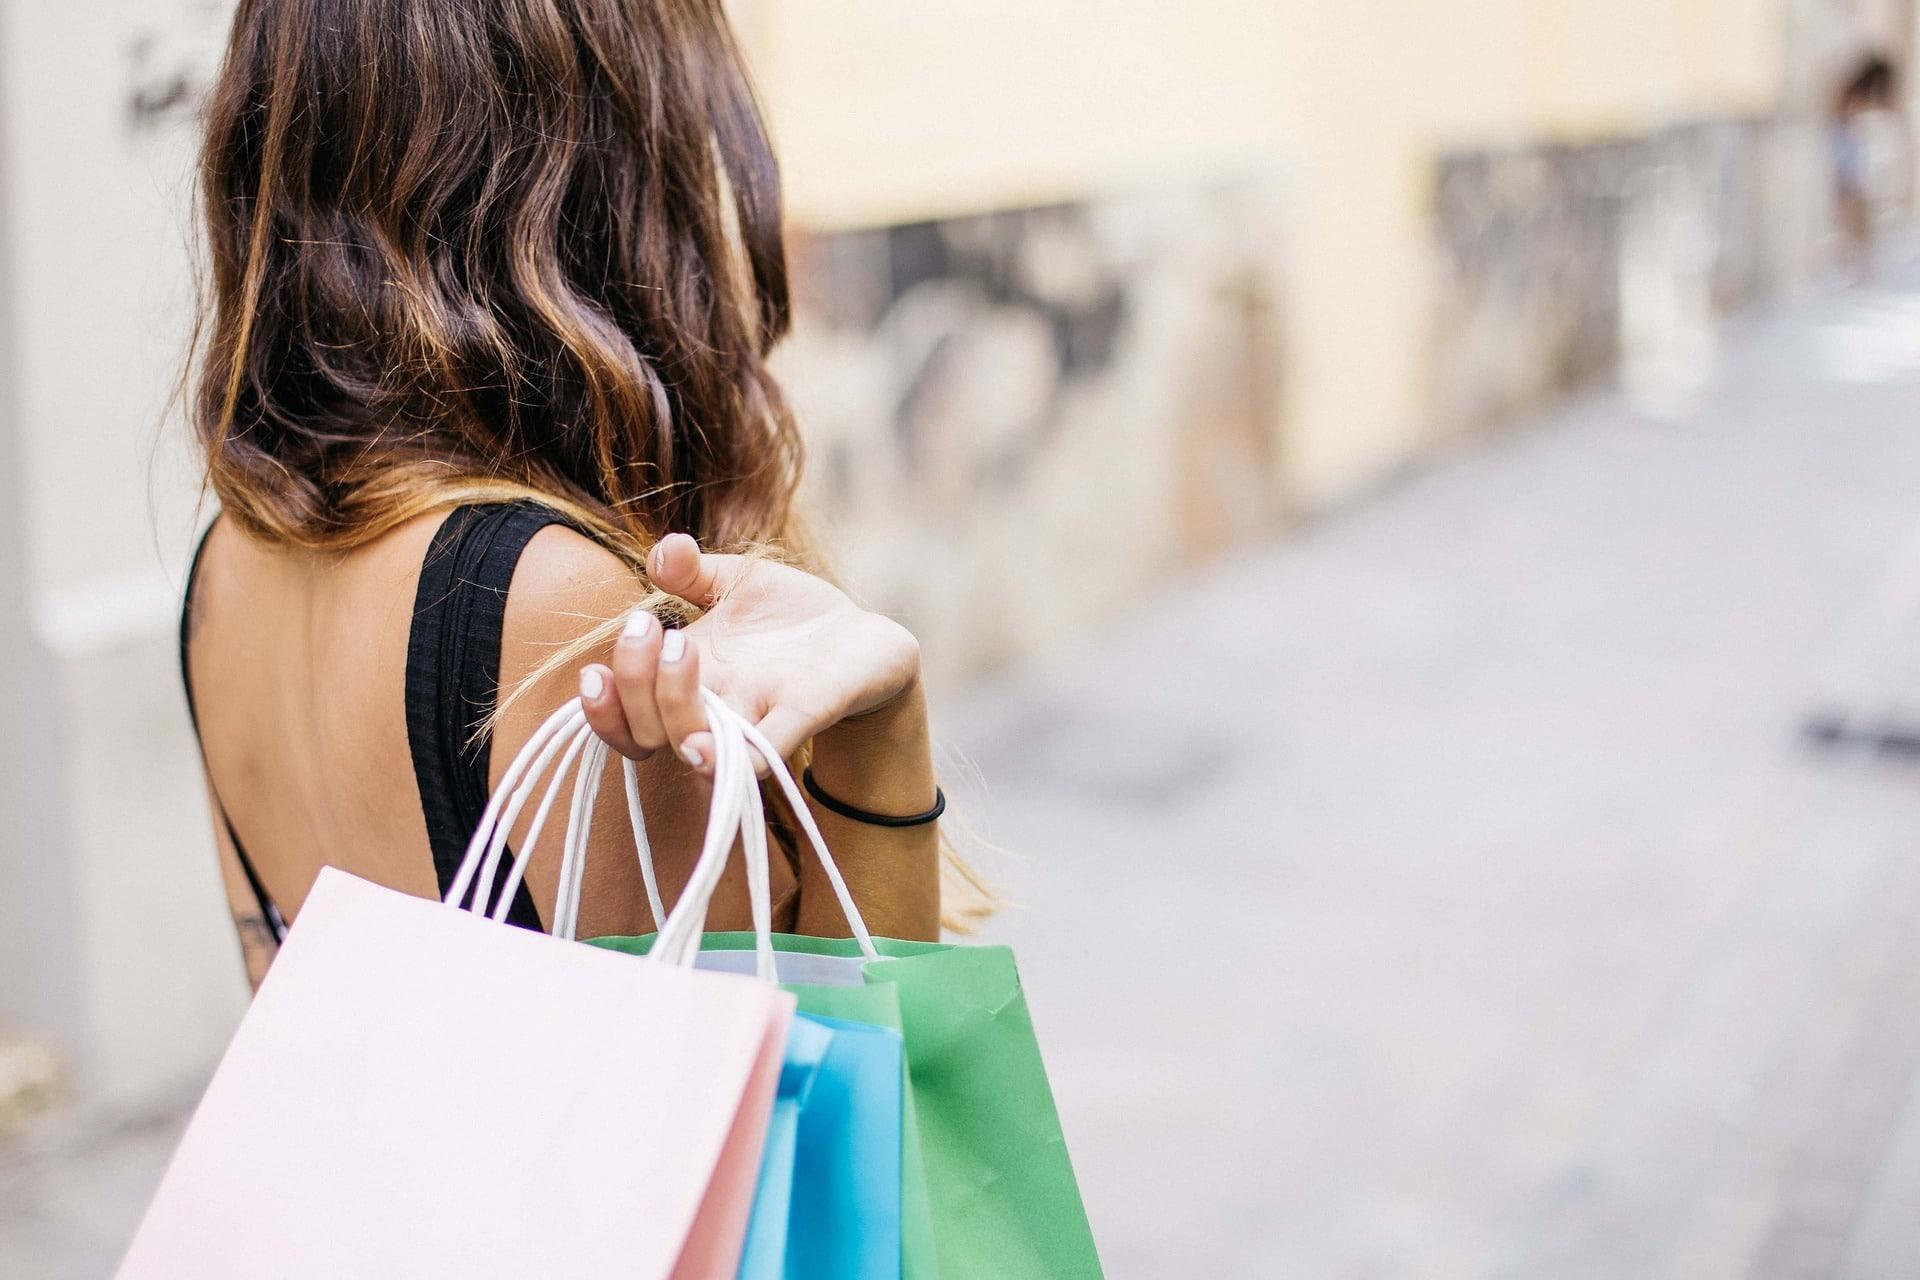 הפסיכולוגיה של מועדוני הלקוחות